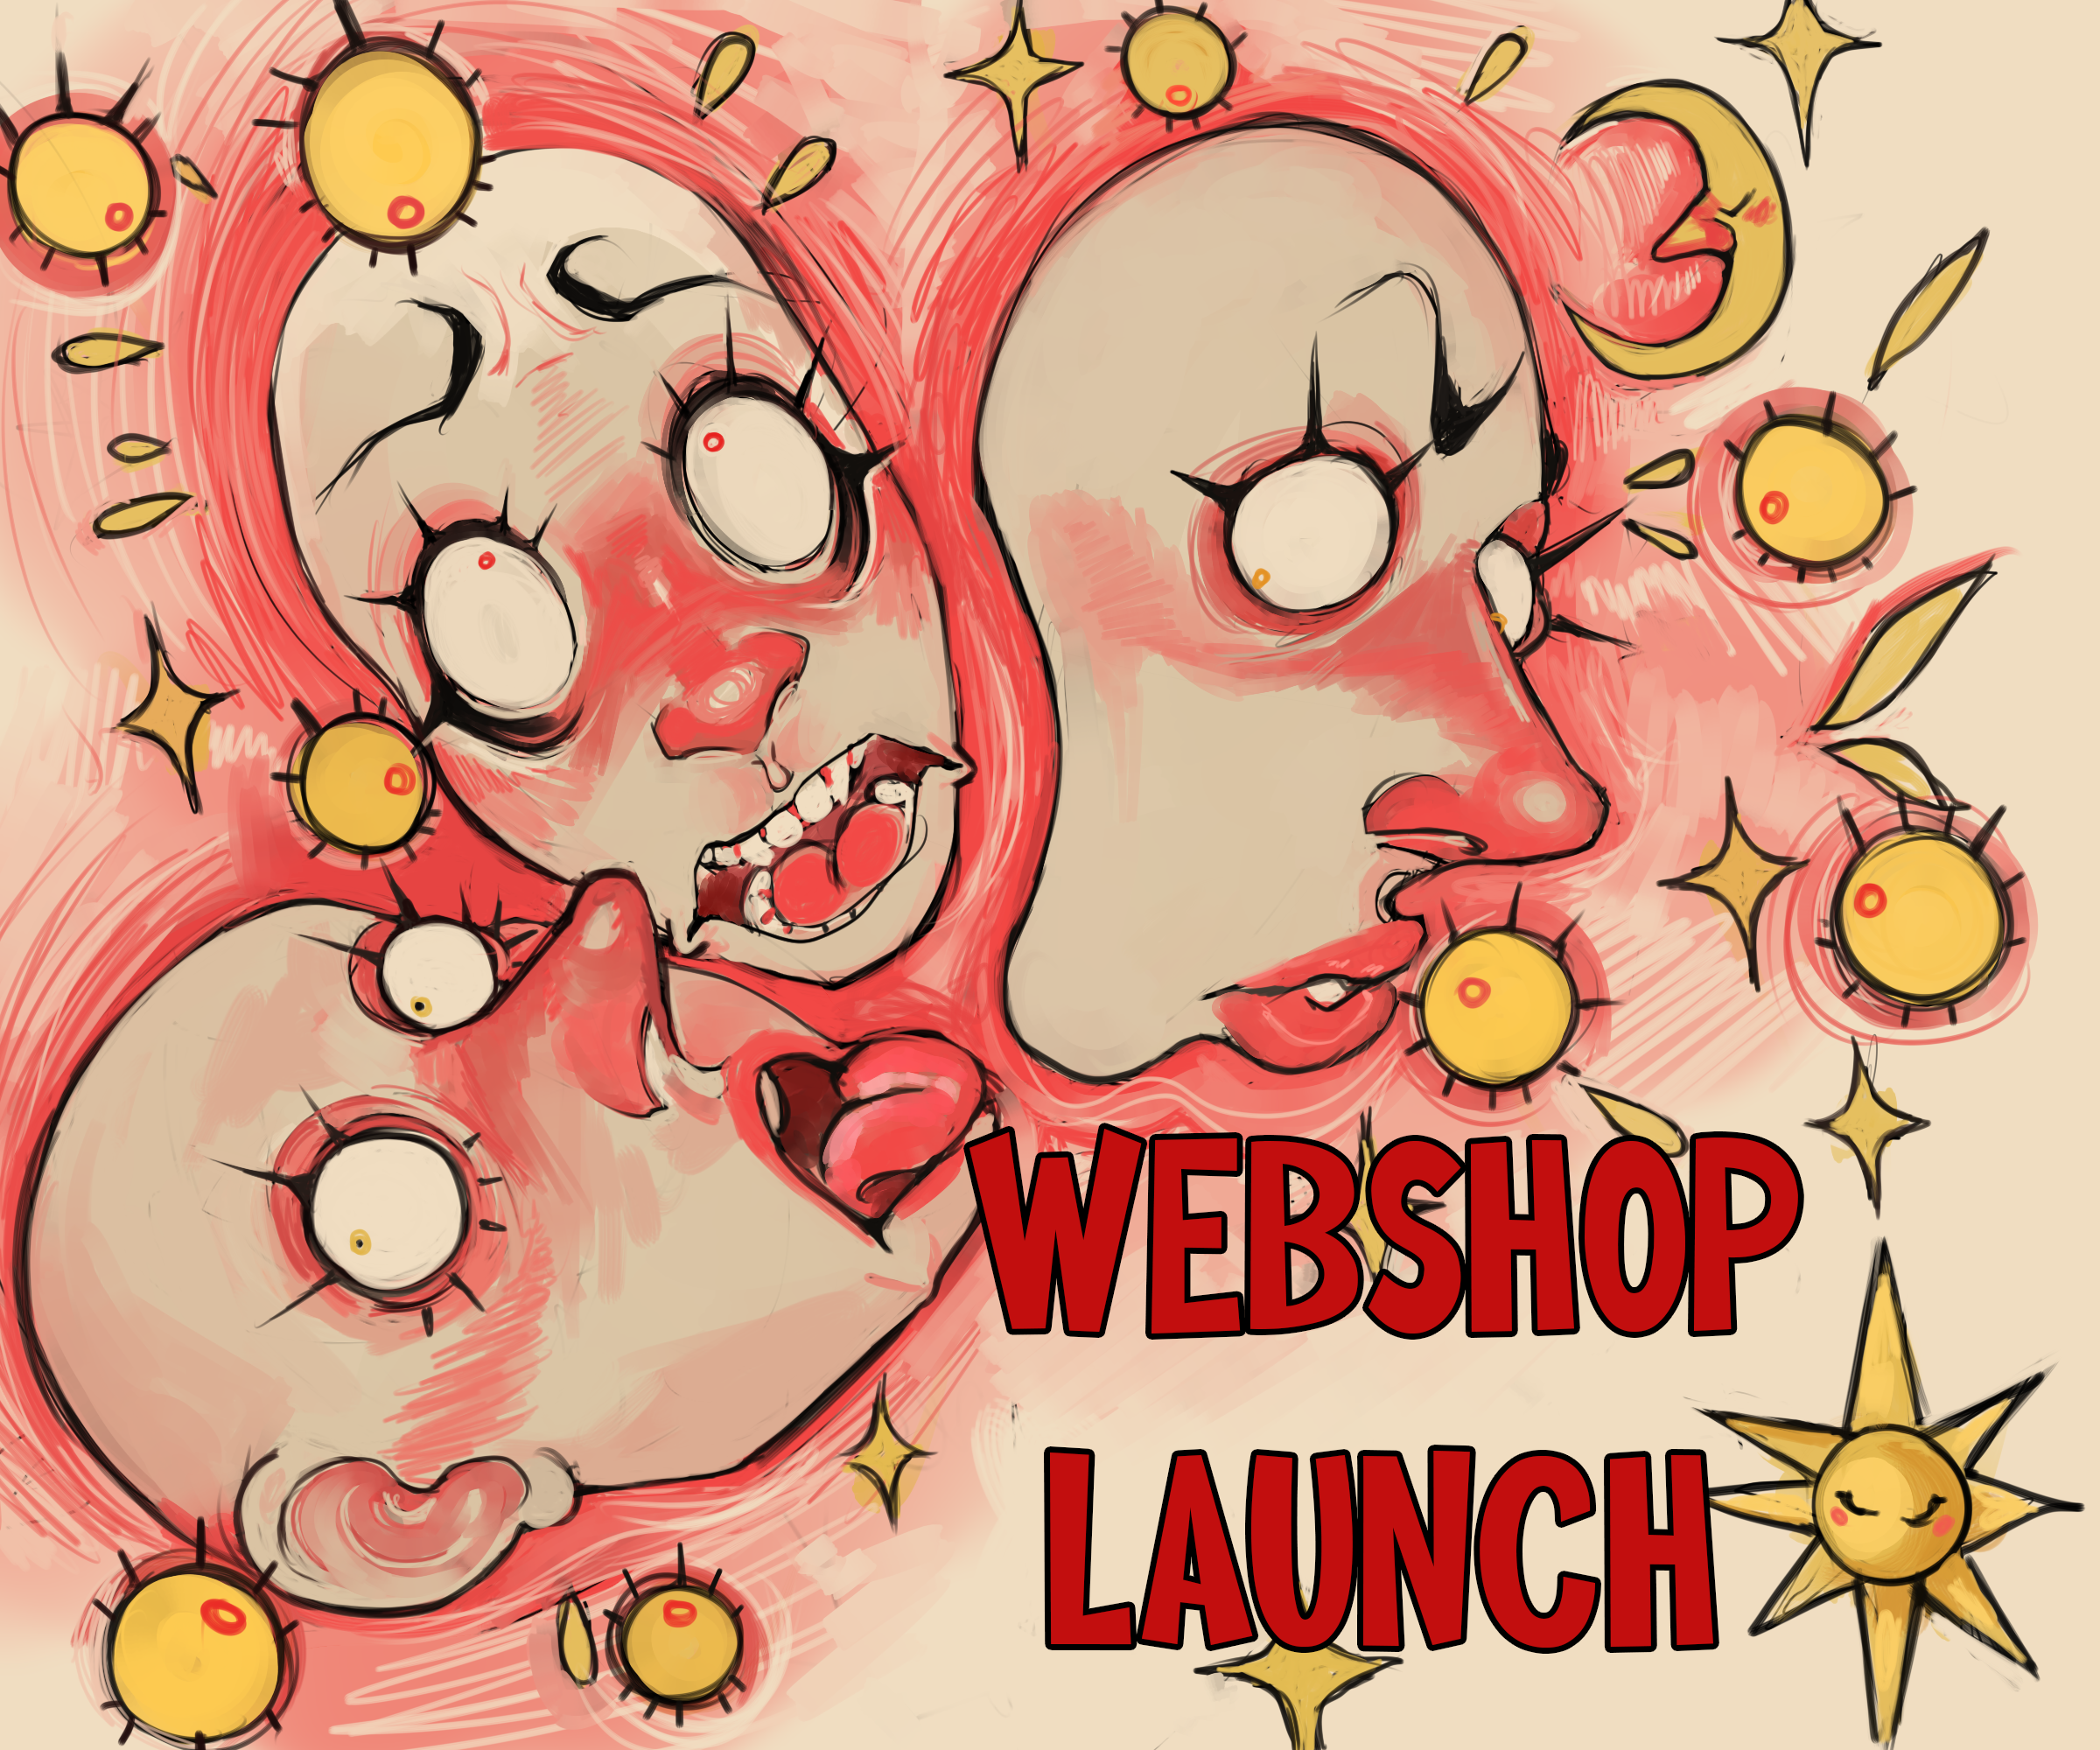 website-launch-1